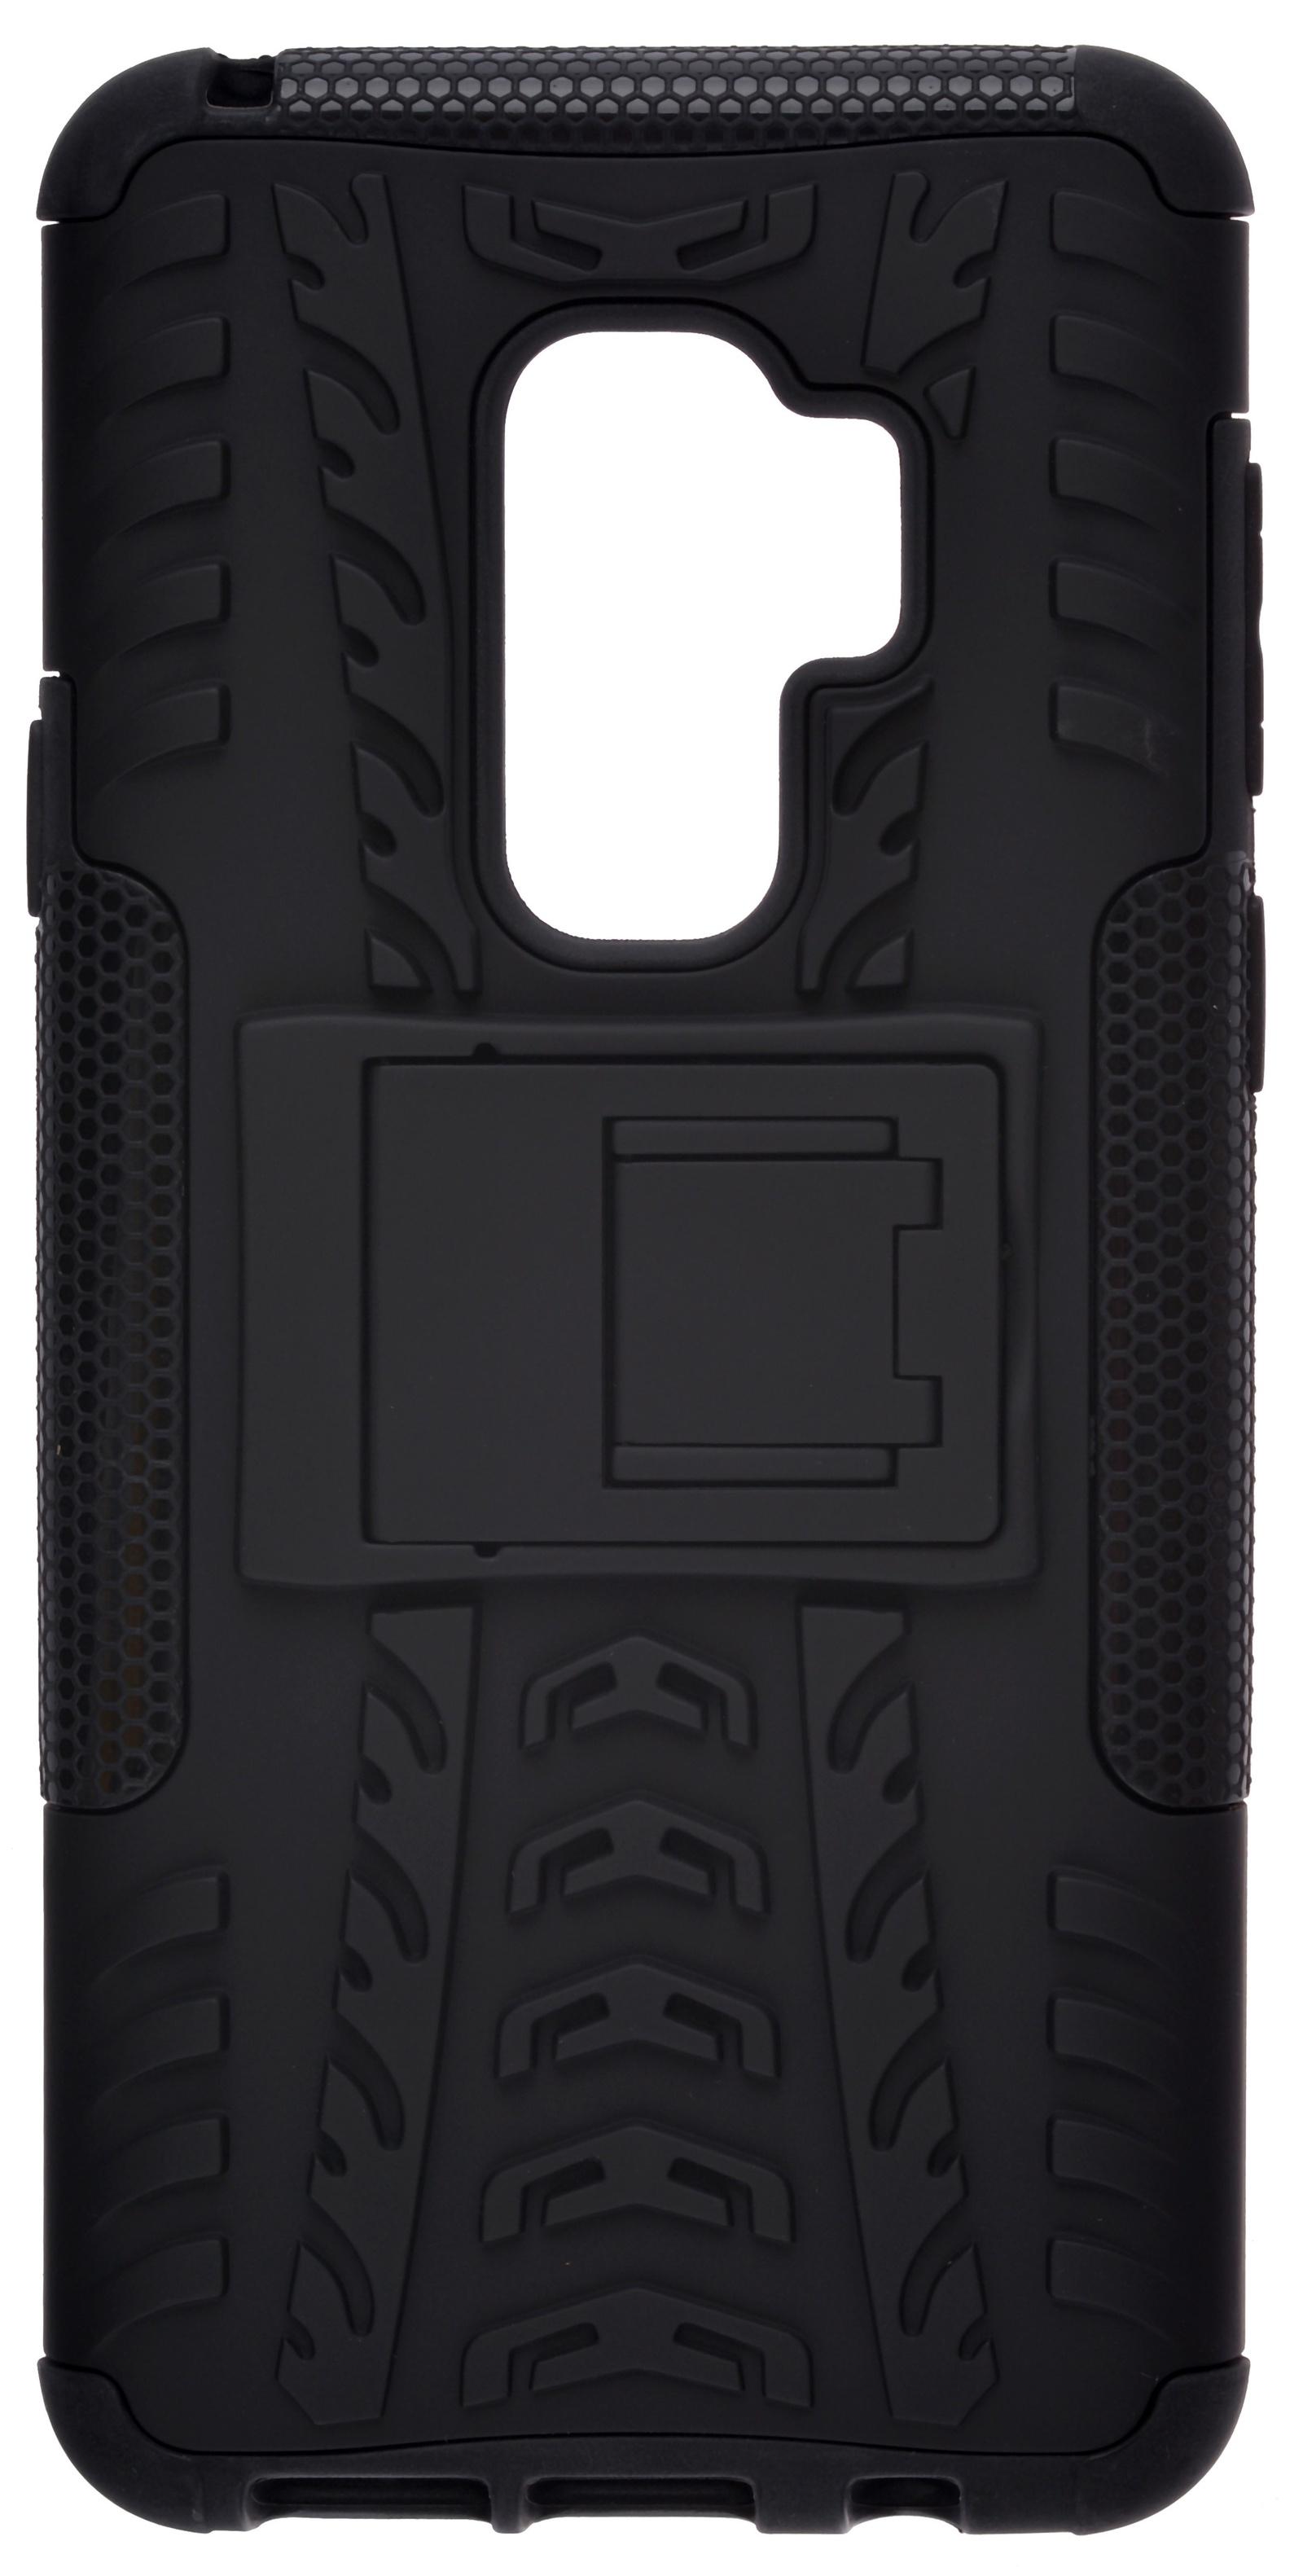 Накладка Skinbox Defender для Samsung Galaxy S9 Plus, 4630042520660, черный кейс для назначение ssamsung galaxy s9 plus s9 кольца держатели кейс на заднюю панель однотонный твердый пк для s9 s9 plus s8 plus